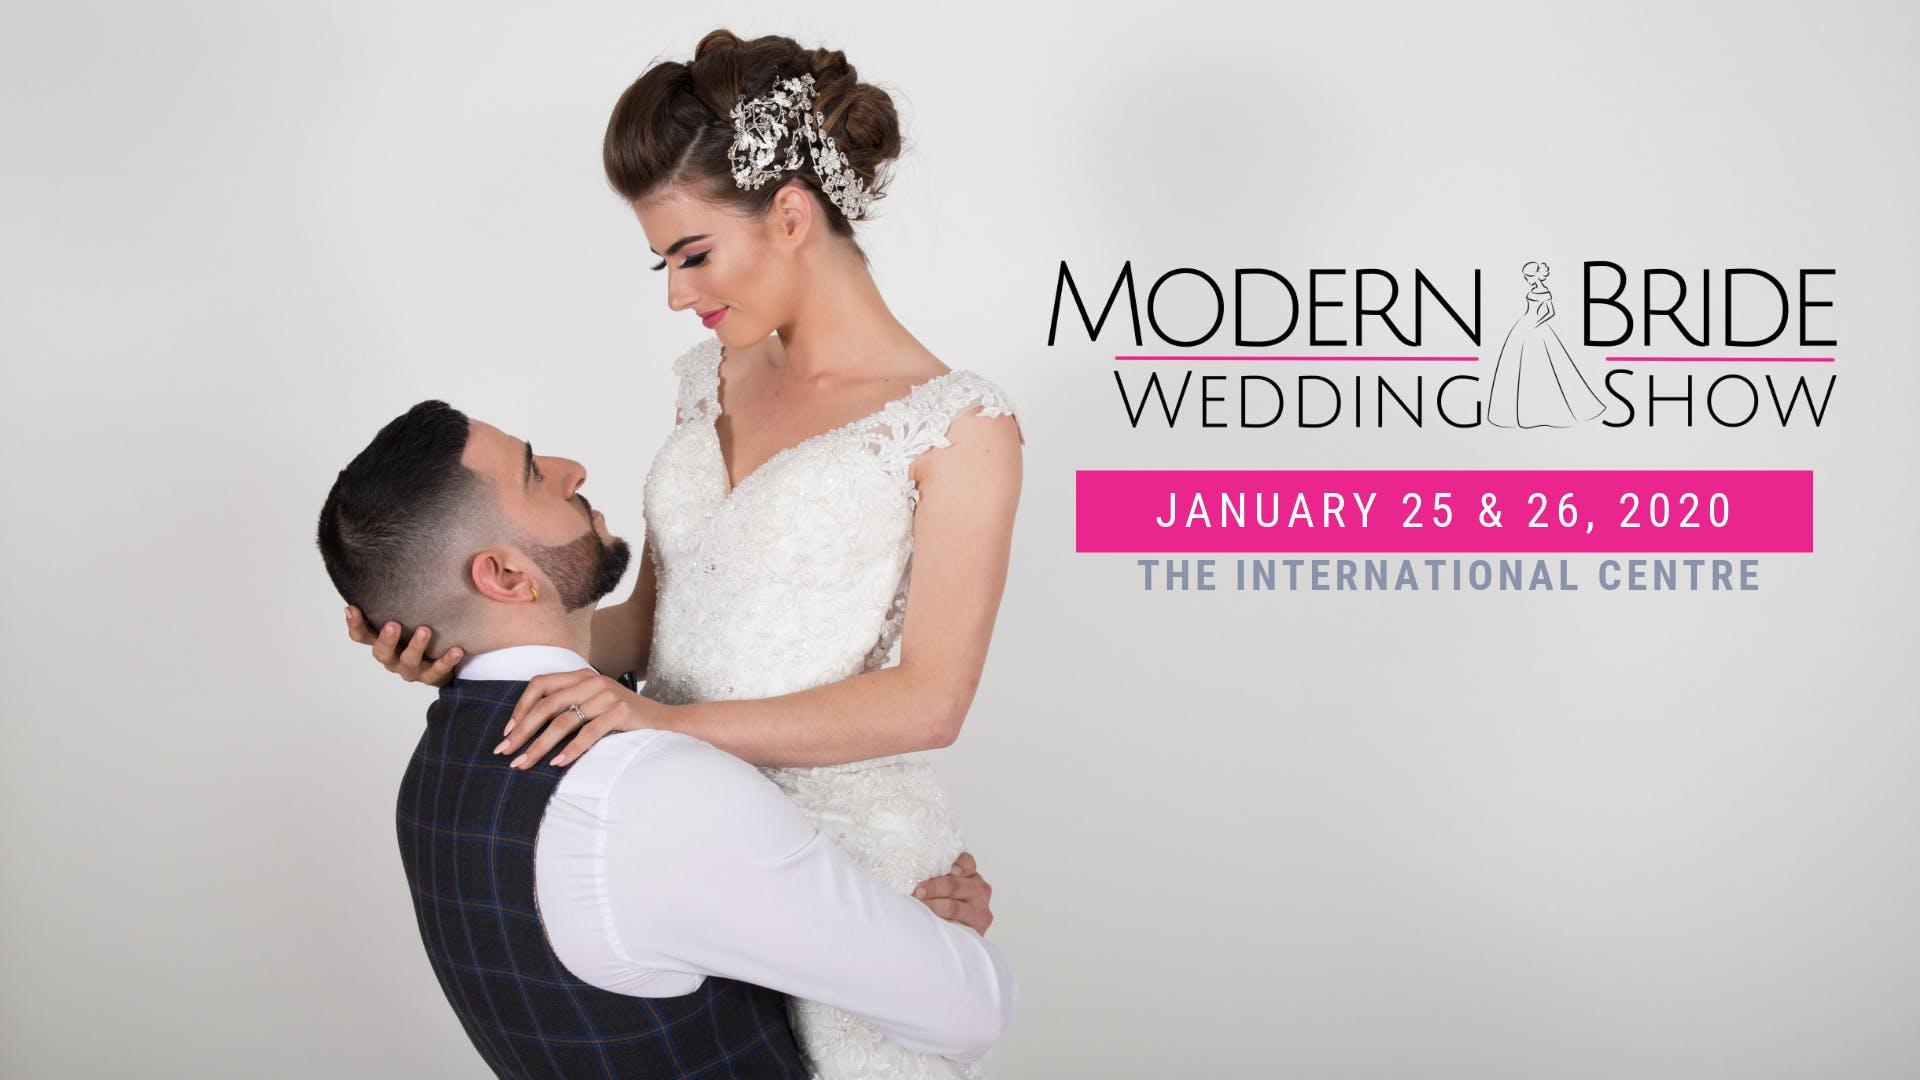 Modern Bride Wedding Show